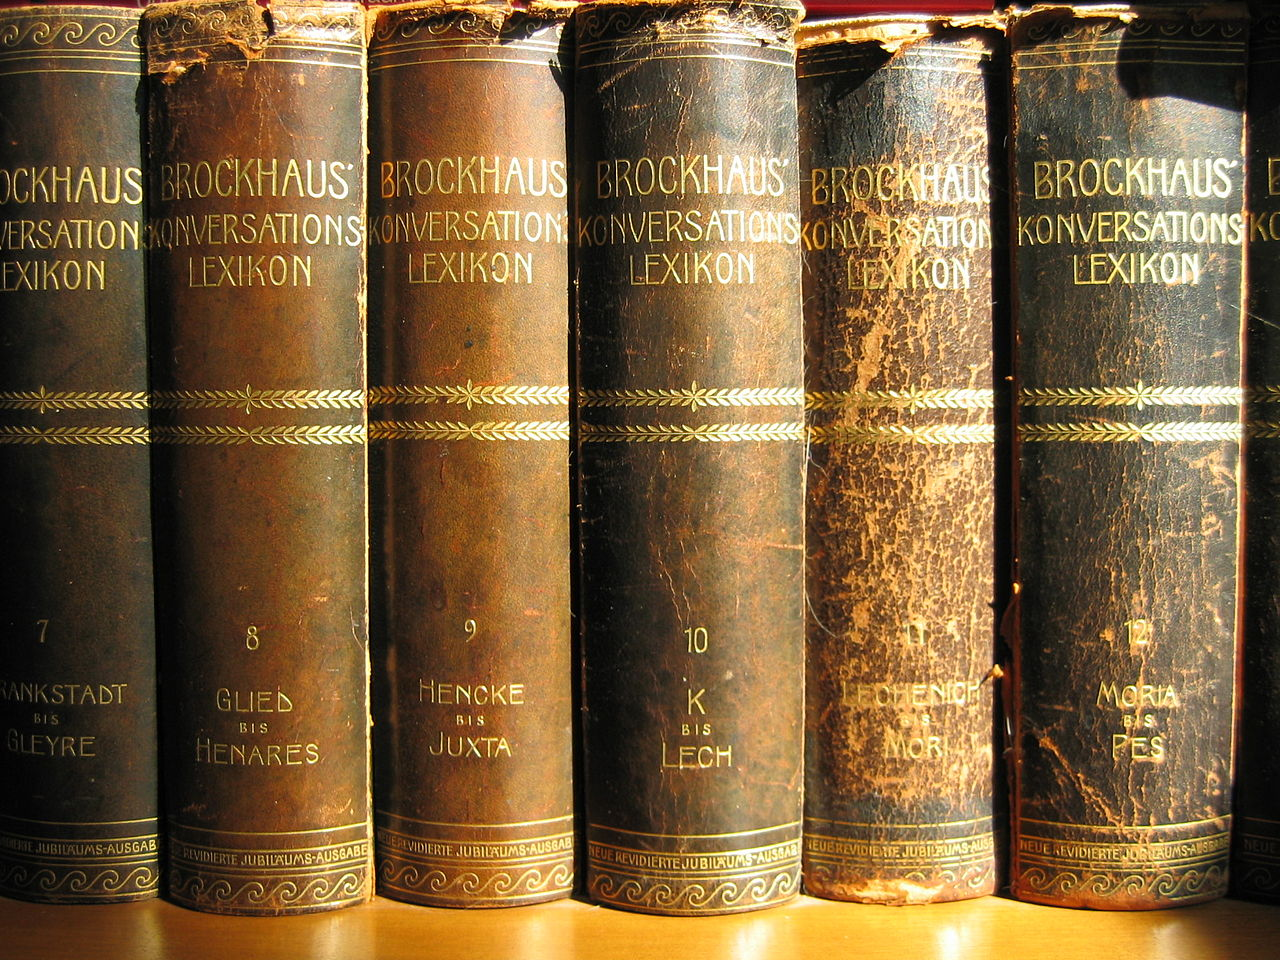 インターネットフリー百科事典に書き込まれていれば、それは本当のことと言えるのでしょうか?